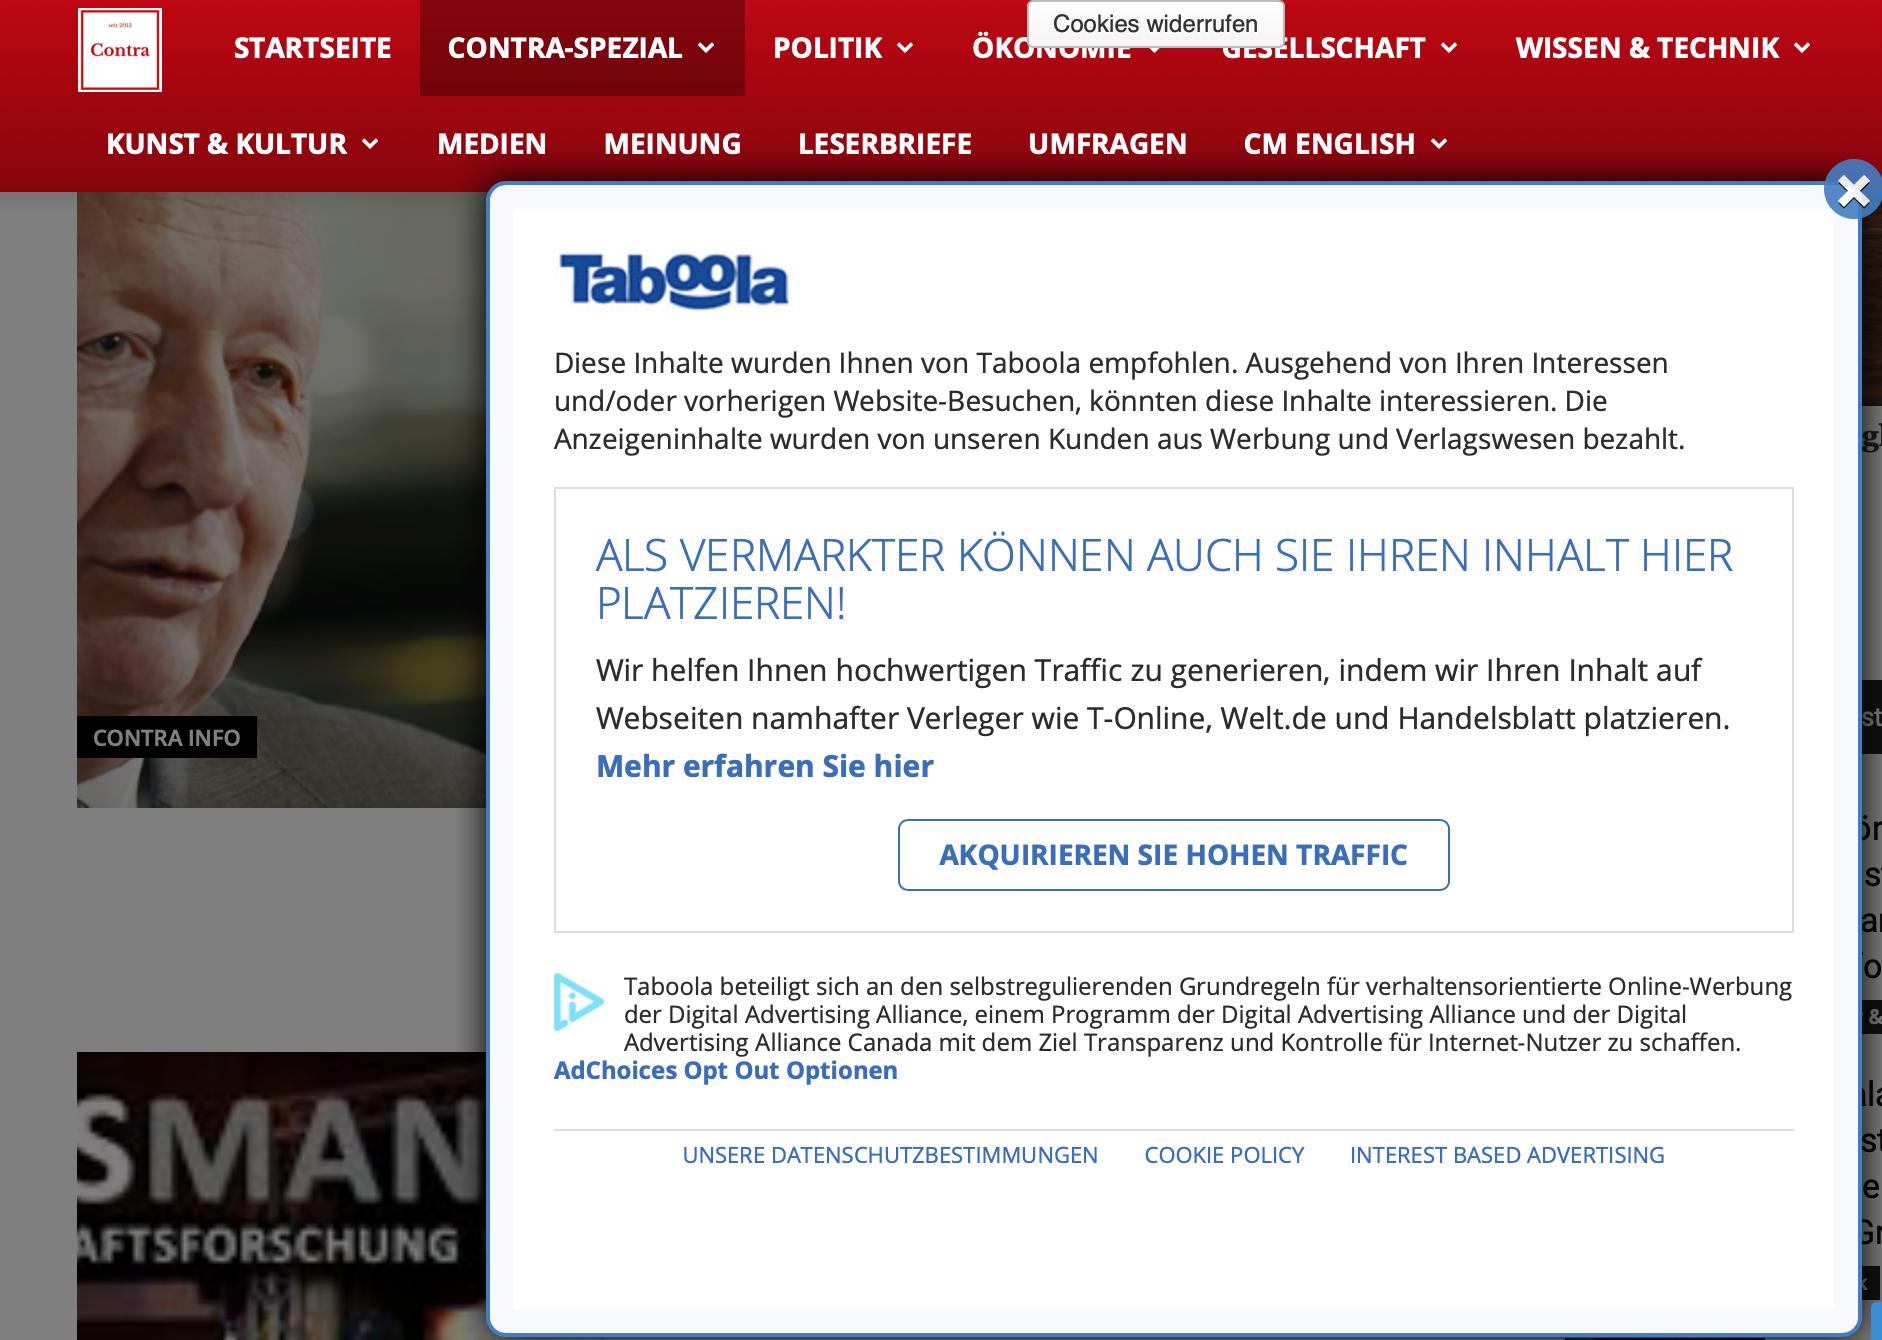 Werbung üner Taboola auf der Website Contra Magazin (Last view: 28.2.19)